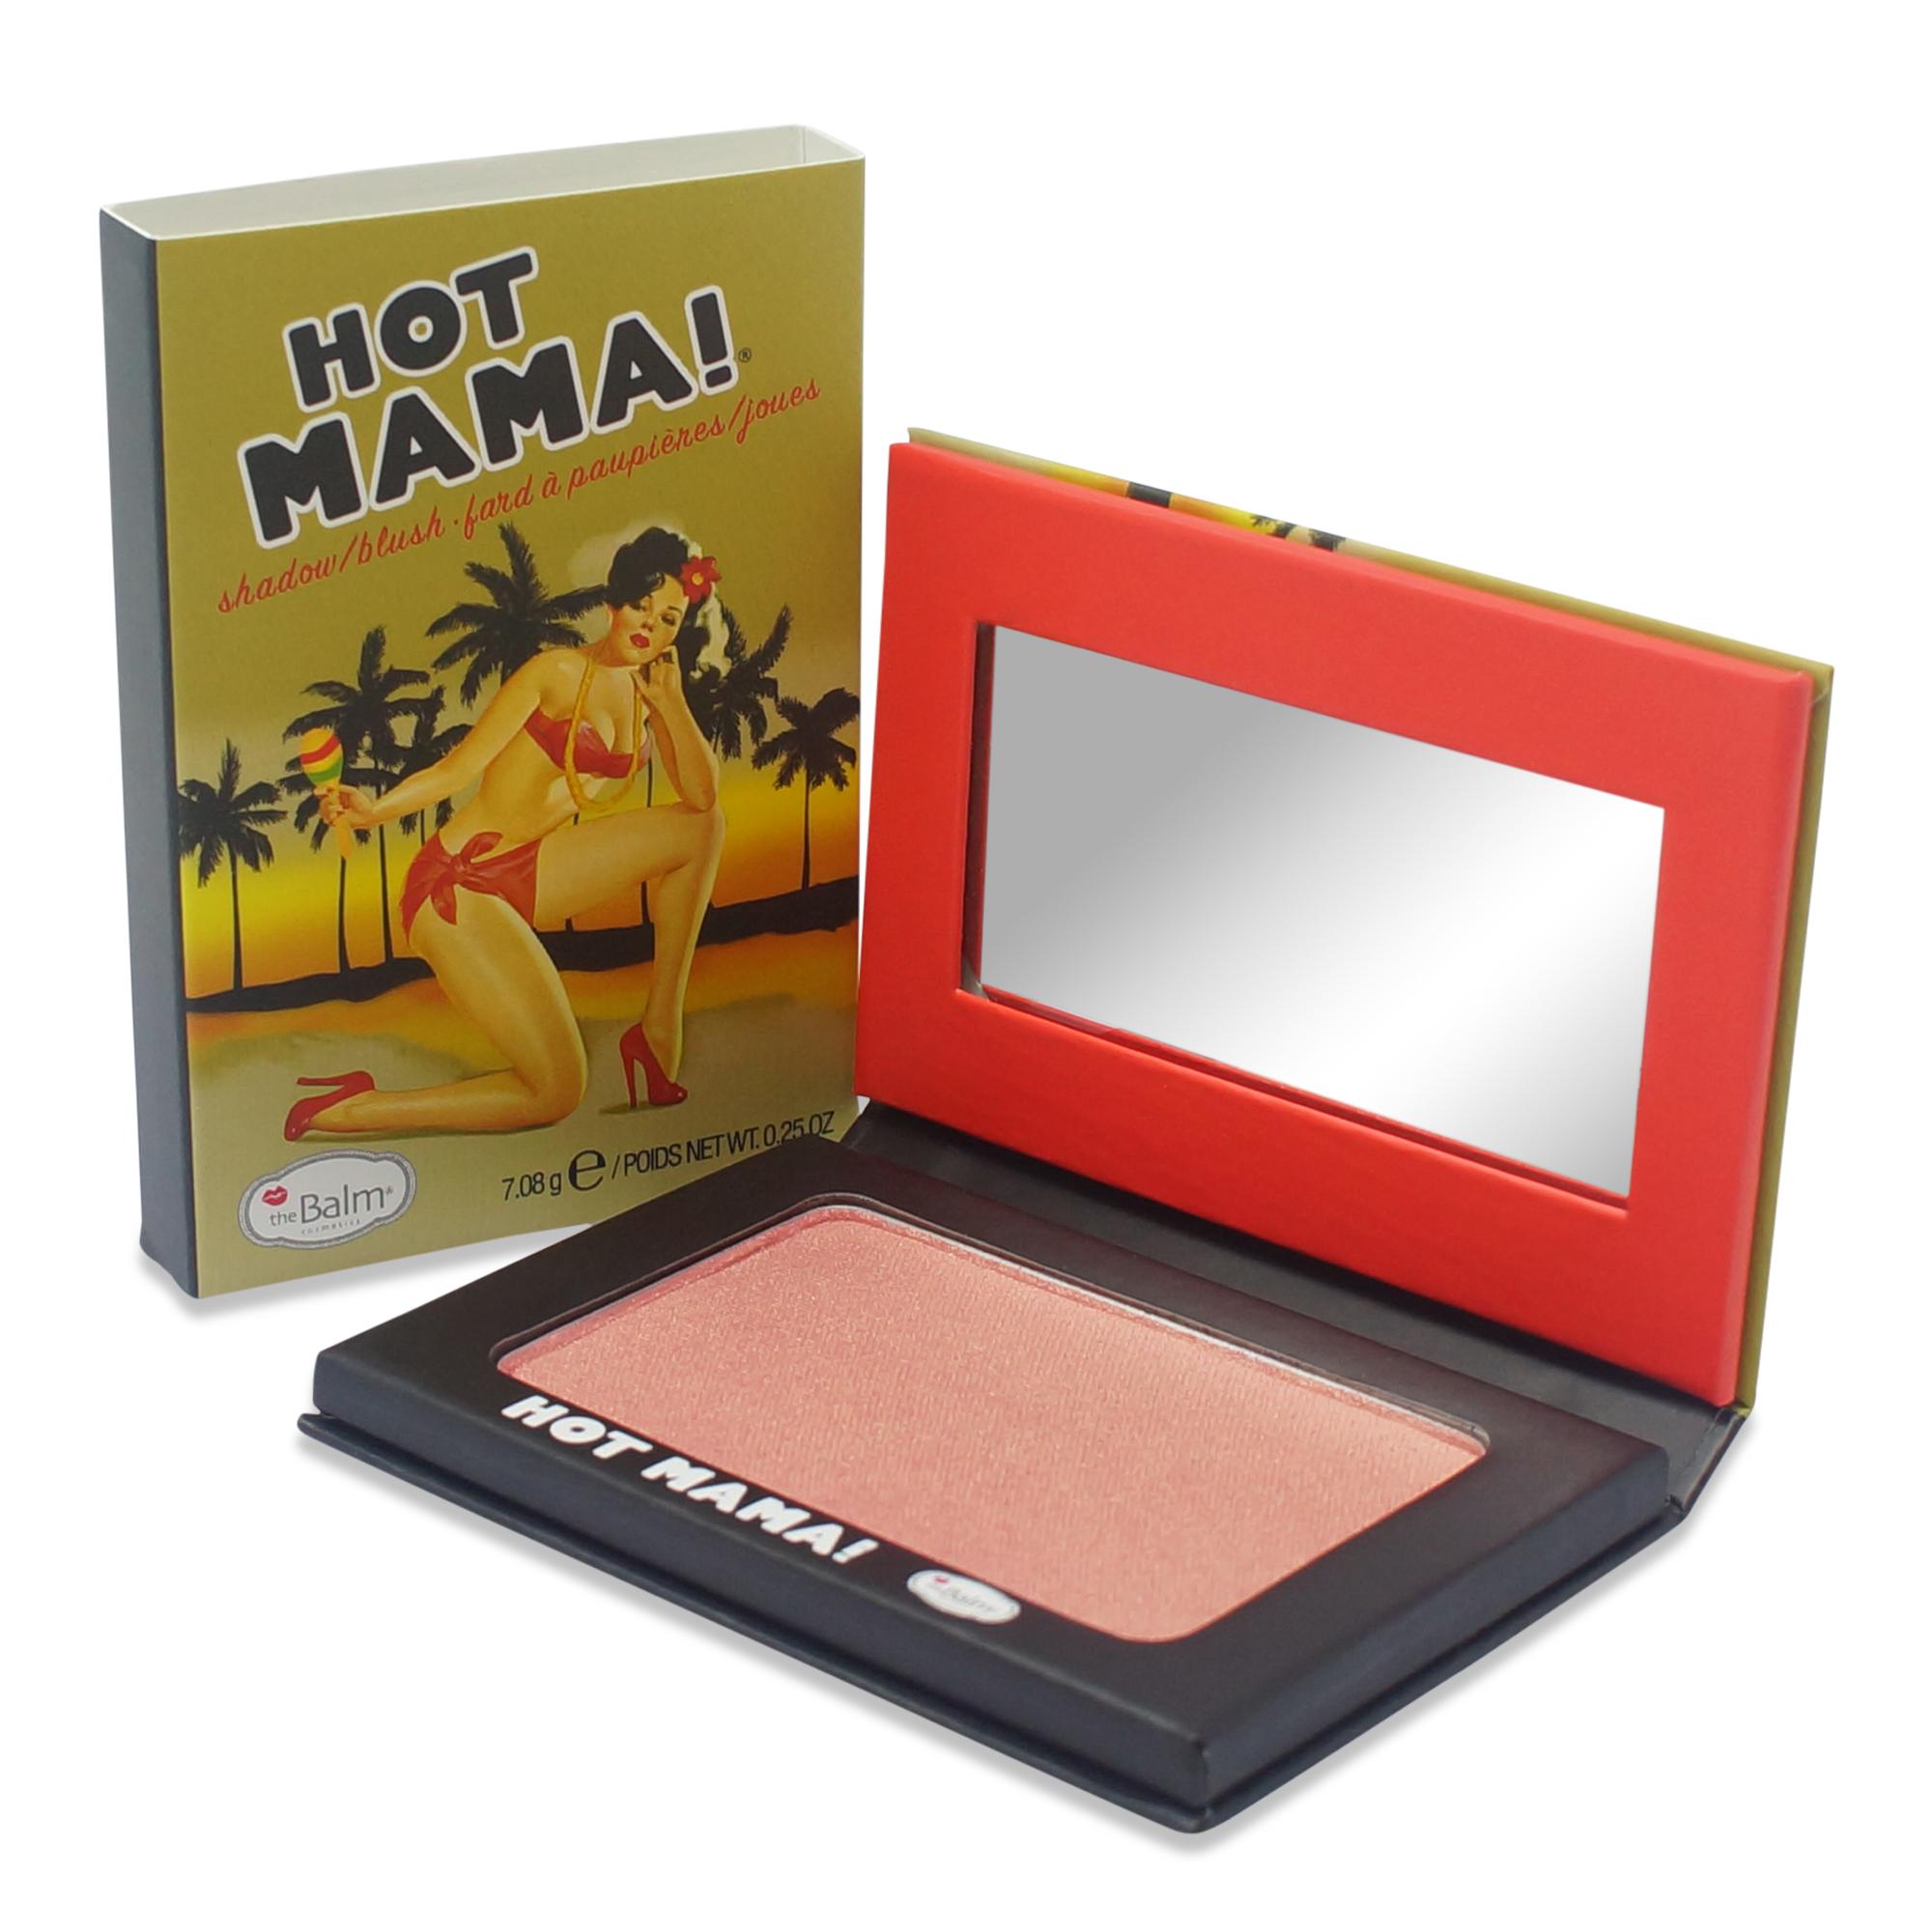 Blush hot mama da the balm Thebalm Hot Mama Shadow Blush 0 25 Oz